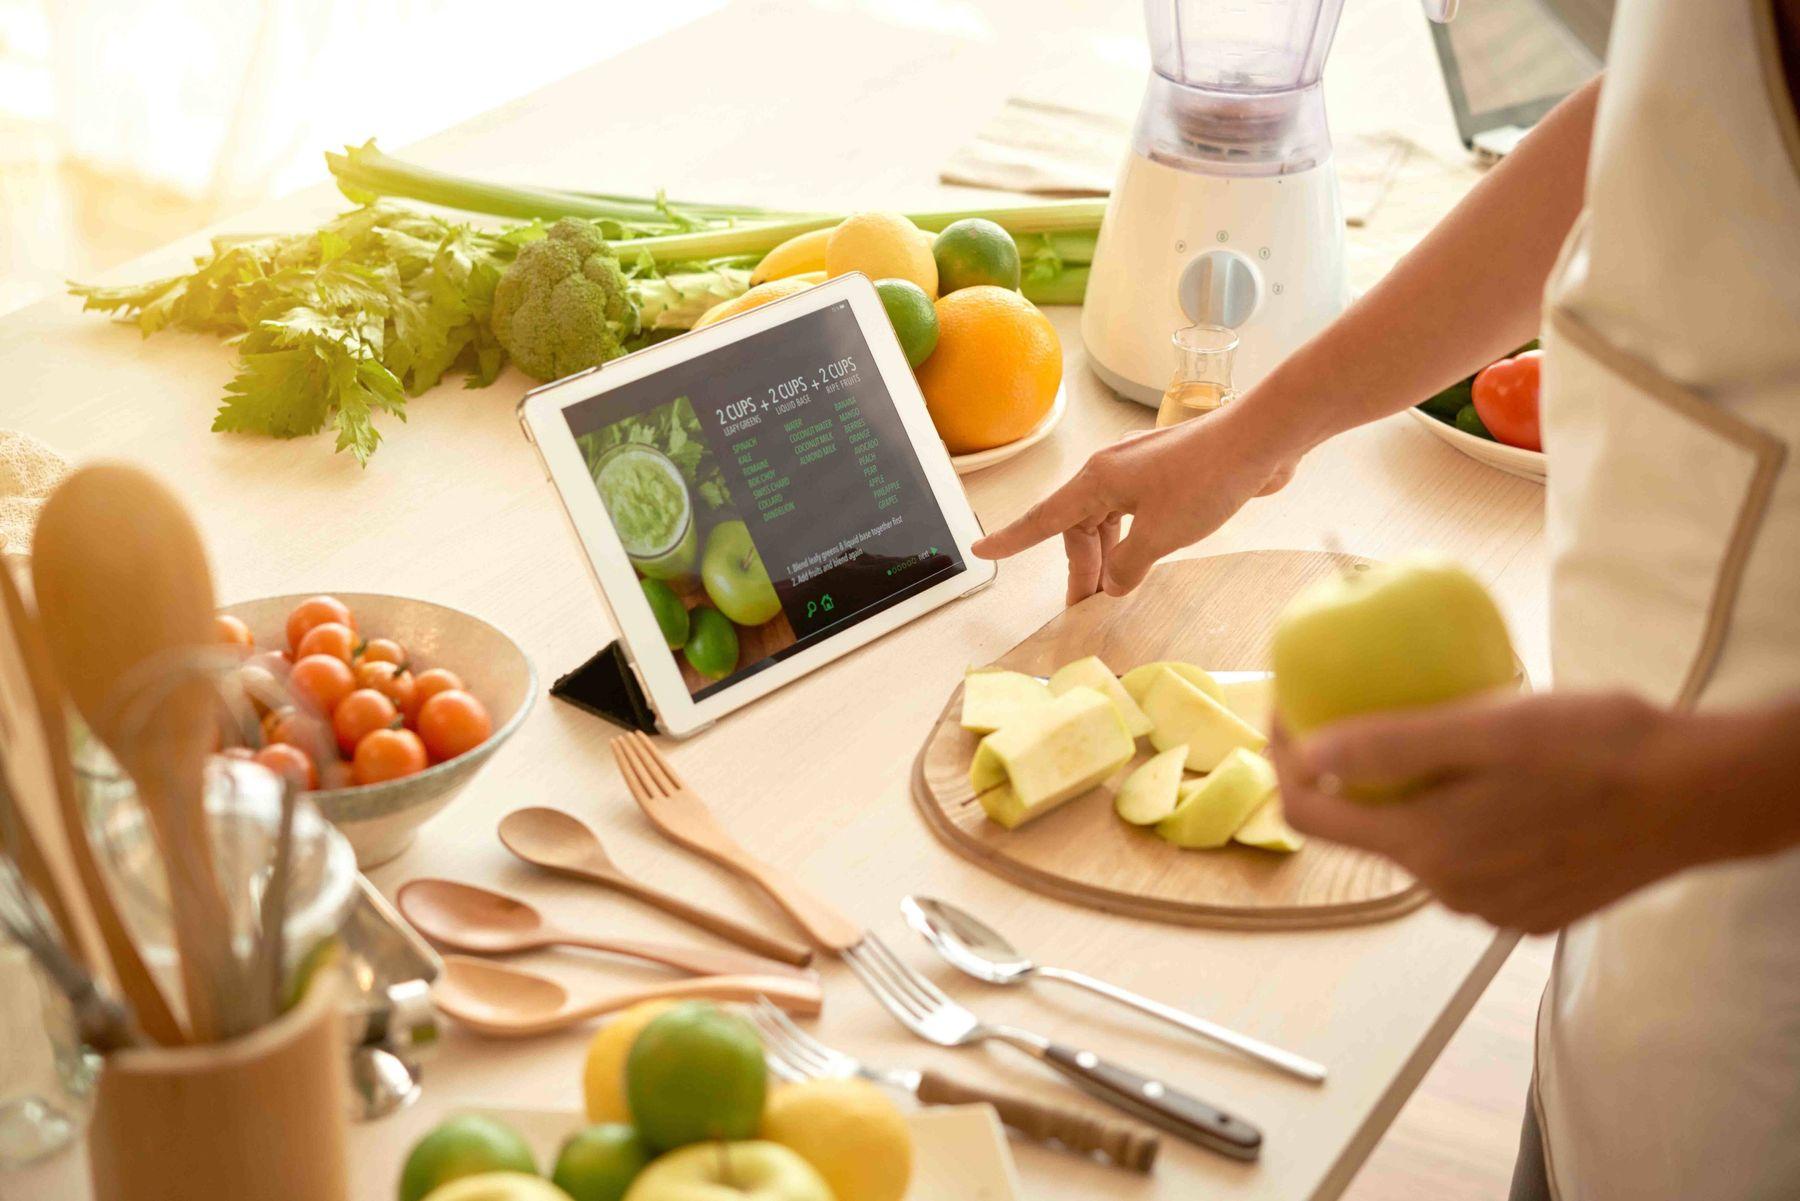 Lên thực đơn trước cho bữa ăn để tiết kiệm thời gian